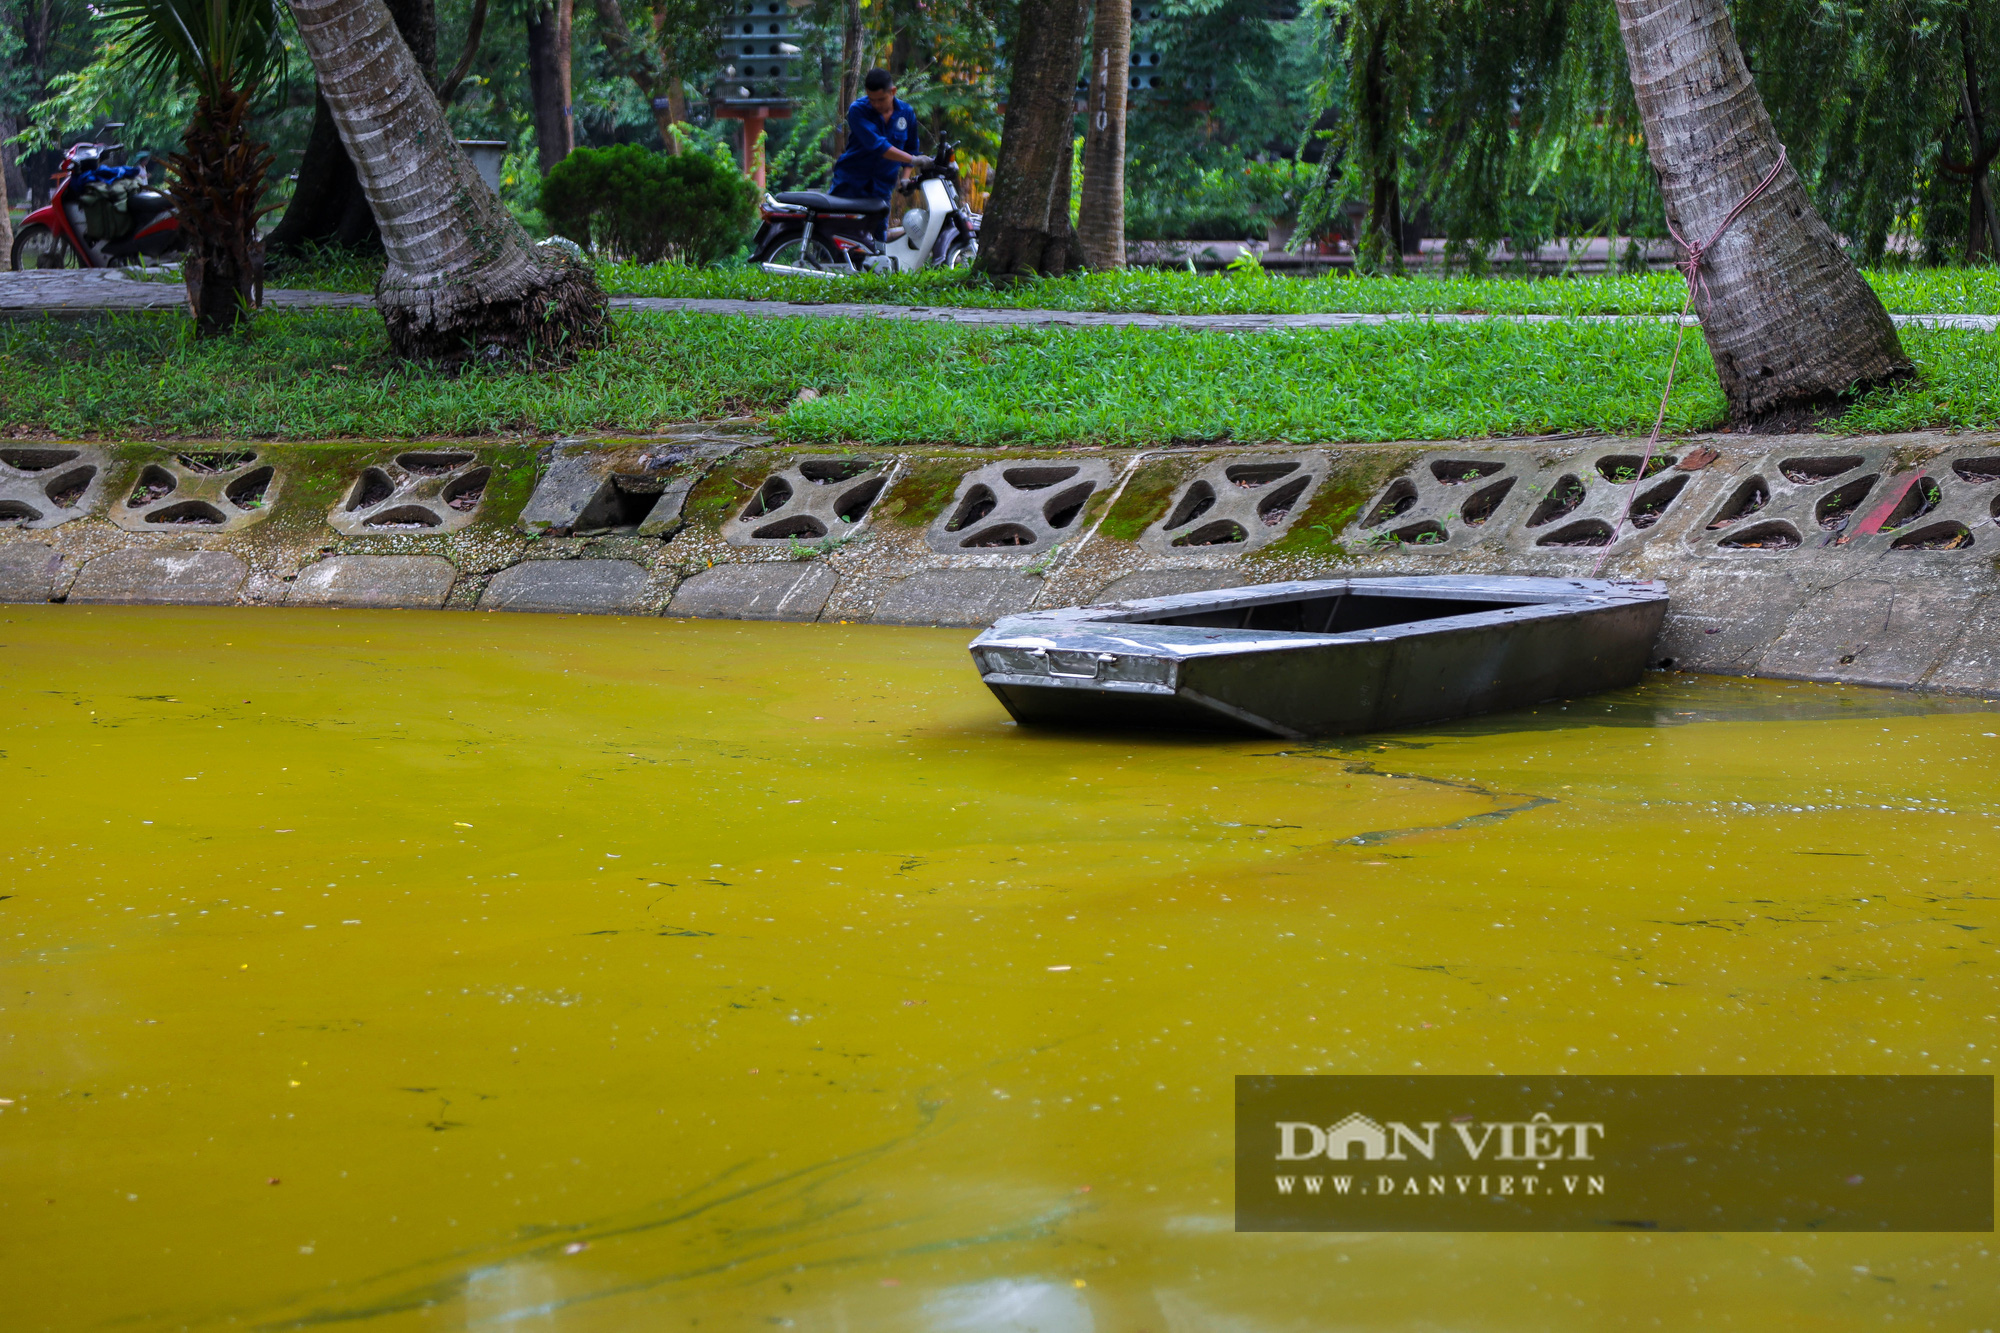 Hà Nội: Mặt nước hồ Bách Thảo bất ngờ chuyển màu vàng lạ mắt - Ảnh 5.